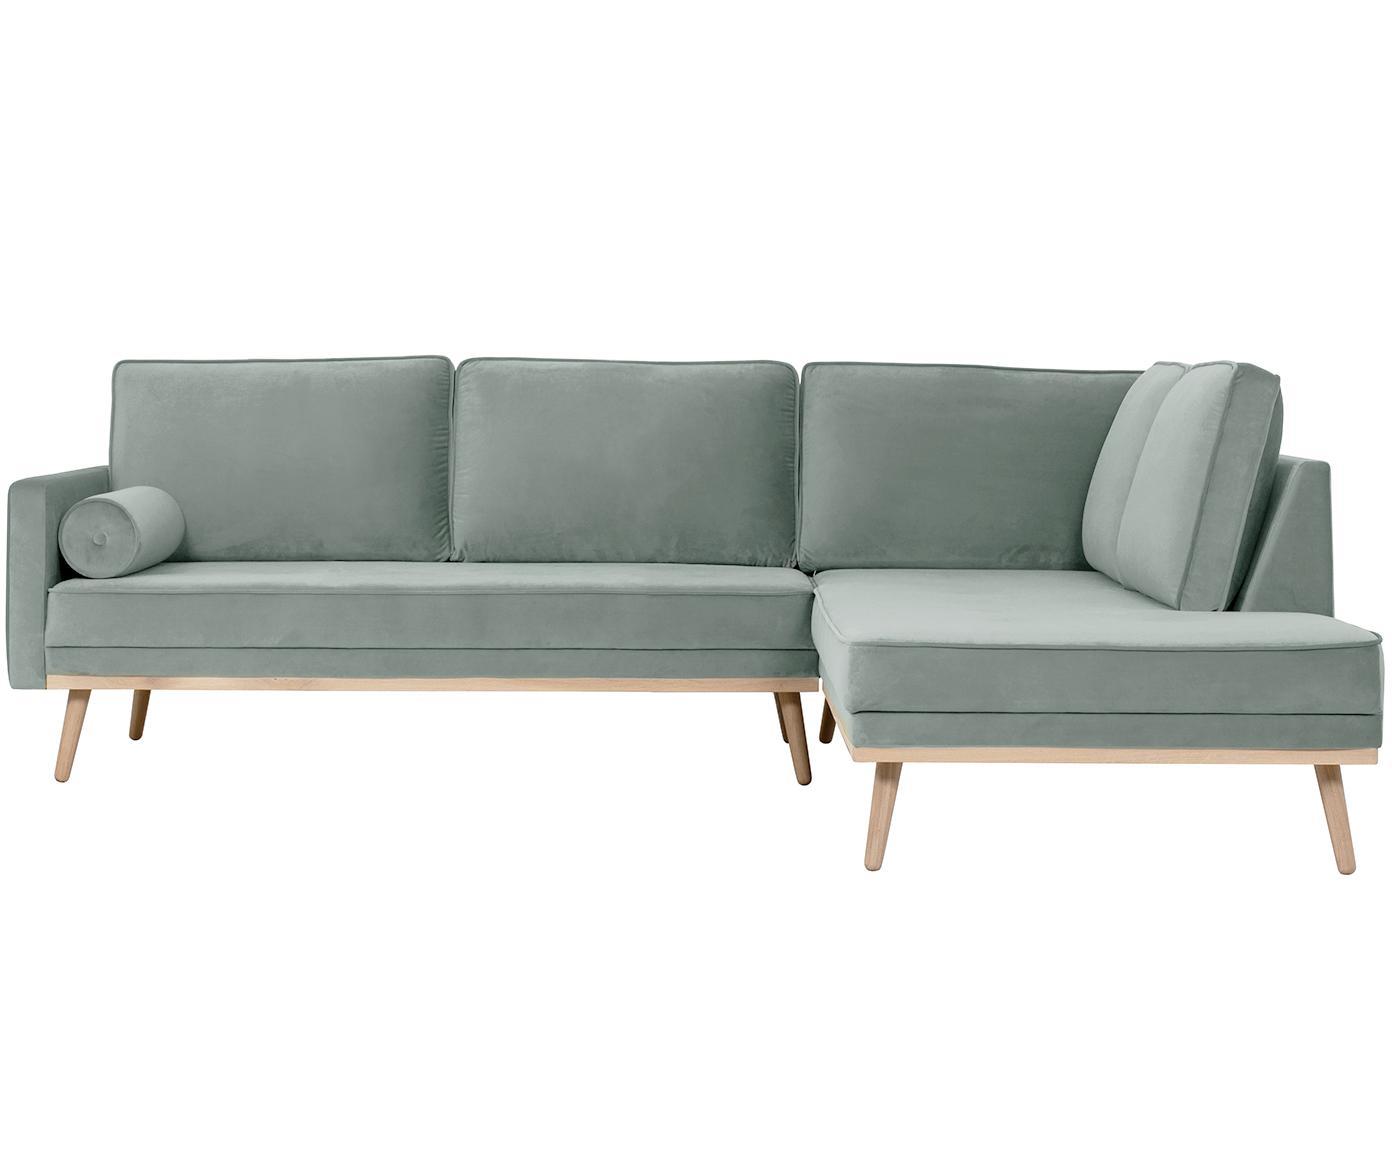 Sofa narożna z aksamitu Saint (3-osobowa), Tapicerka: aksamit (poliester) 3500, Stelaż: masywne drewno dębowe, pł, Aksamitny szałwiowy zielony, S 243 x G 220 cm